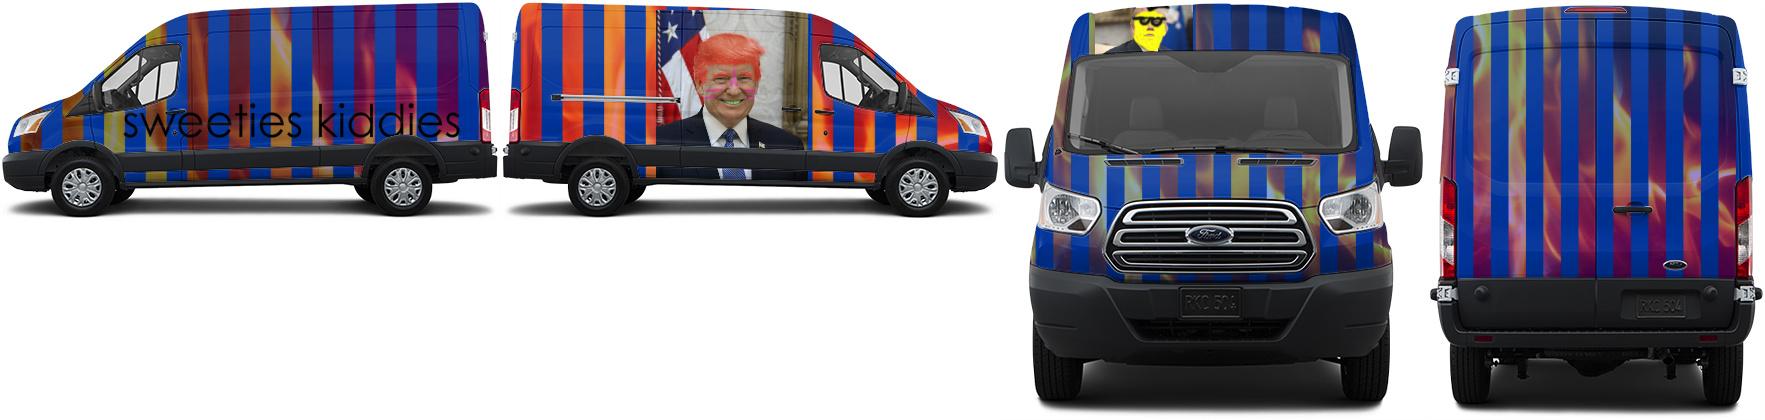 Transit Van Wrap #52796